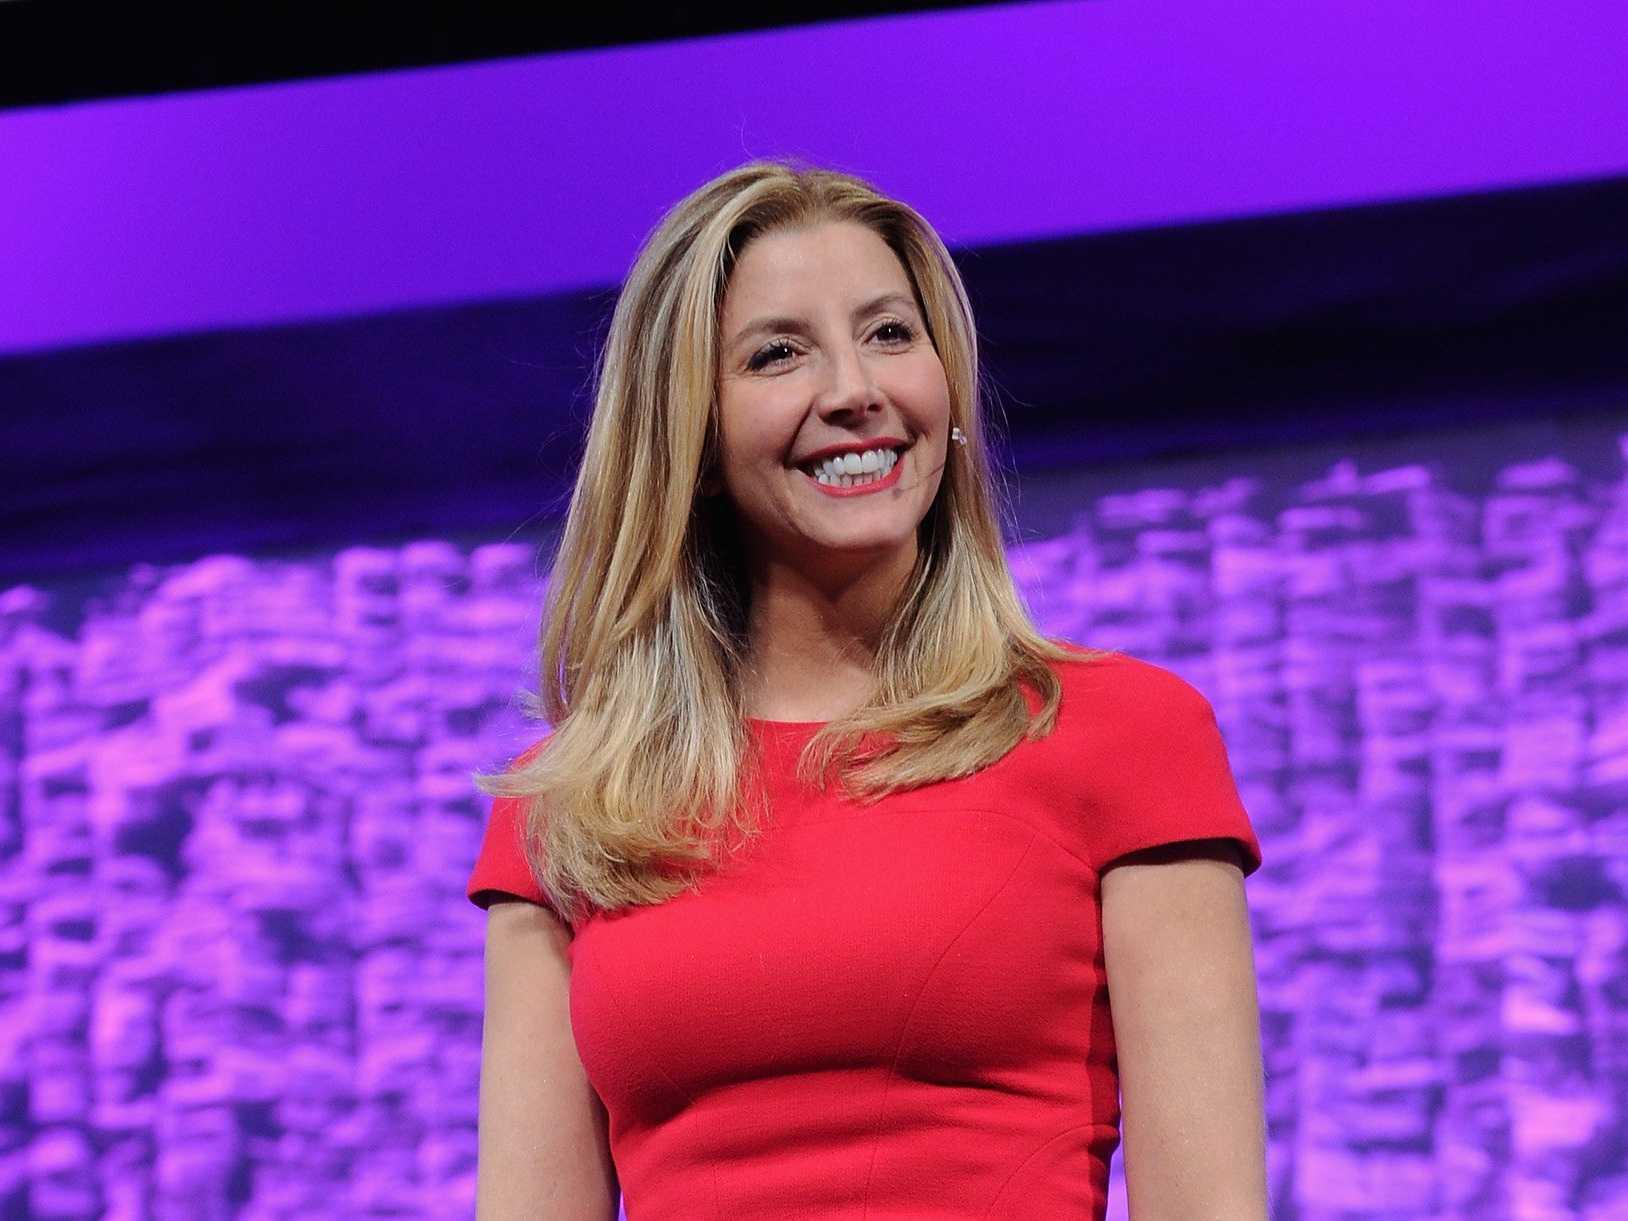 Sara Blakely - 2000 yılında Spanx iç çamaşır alanında kendini duyurmaya başlamıştır.